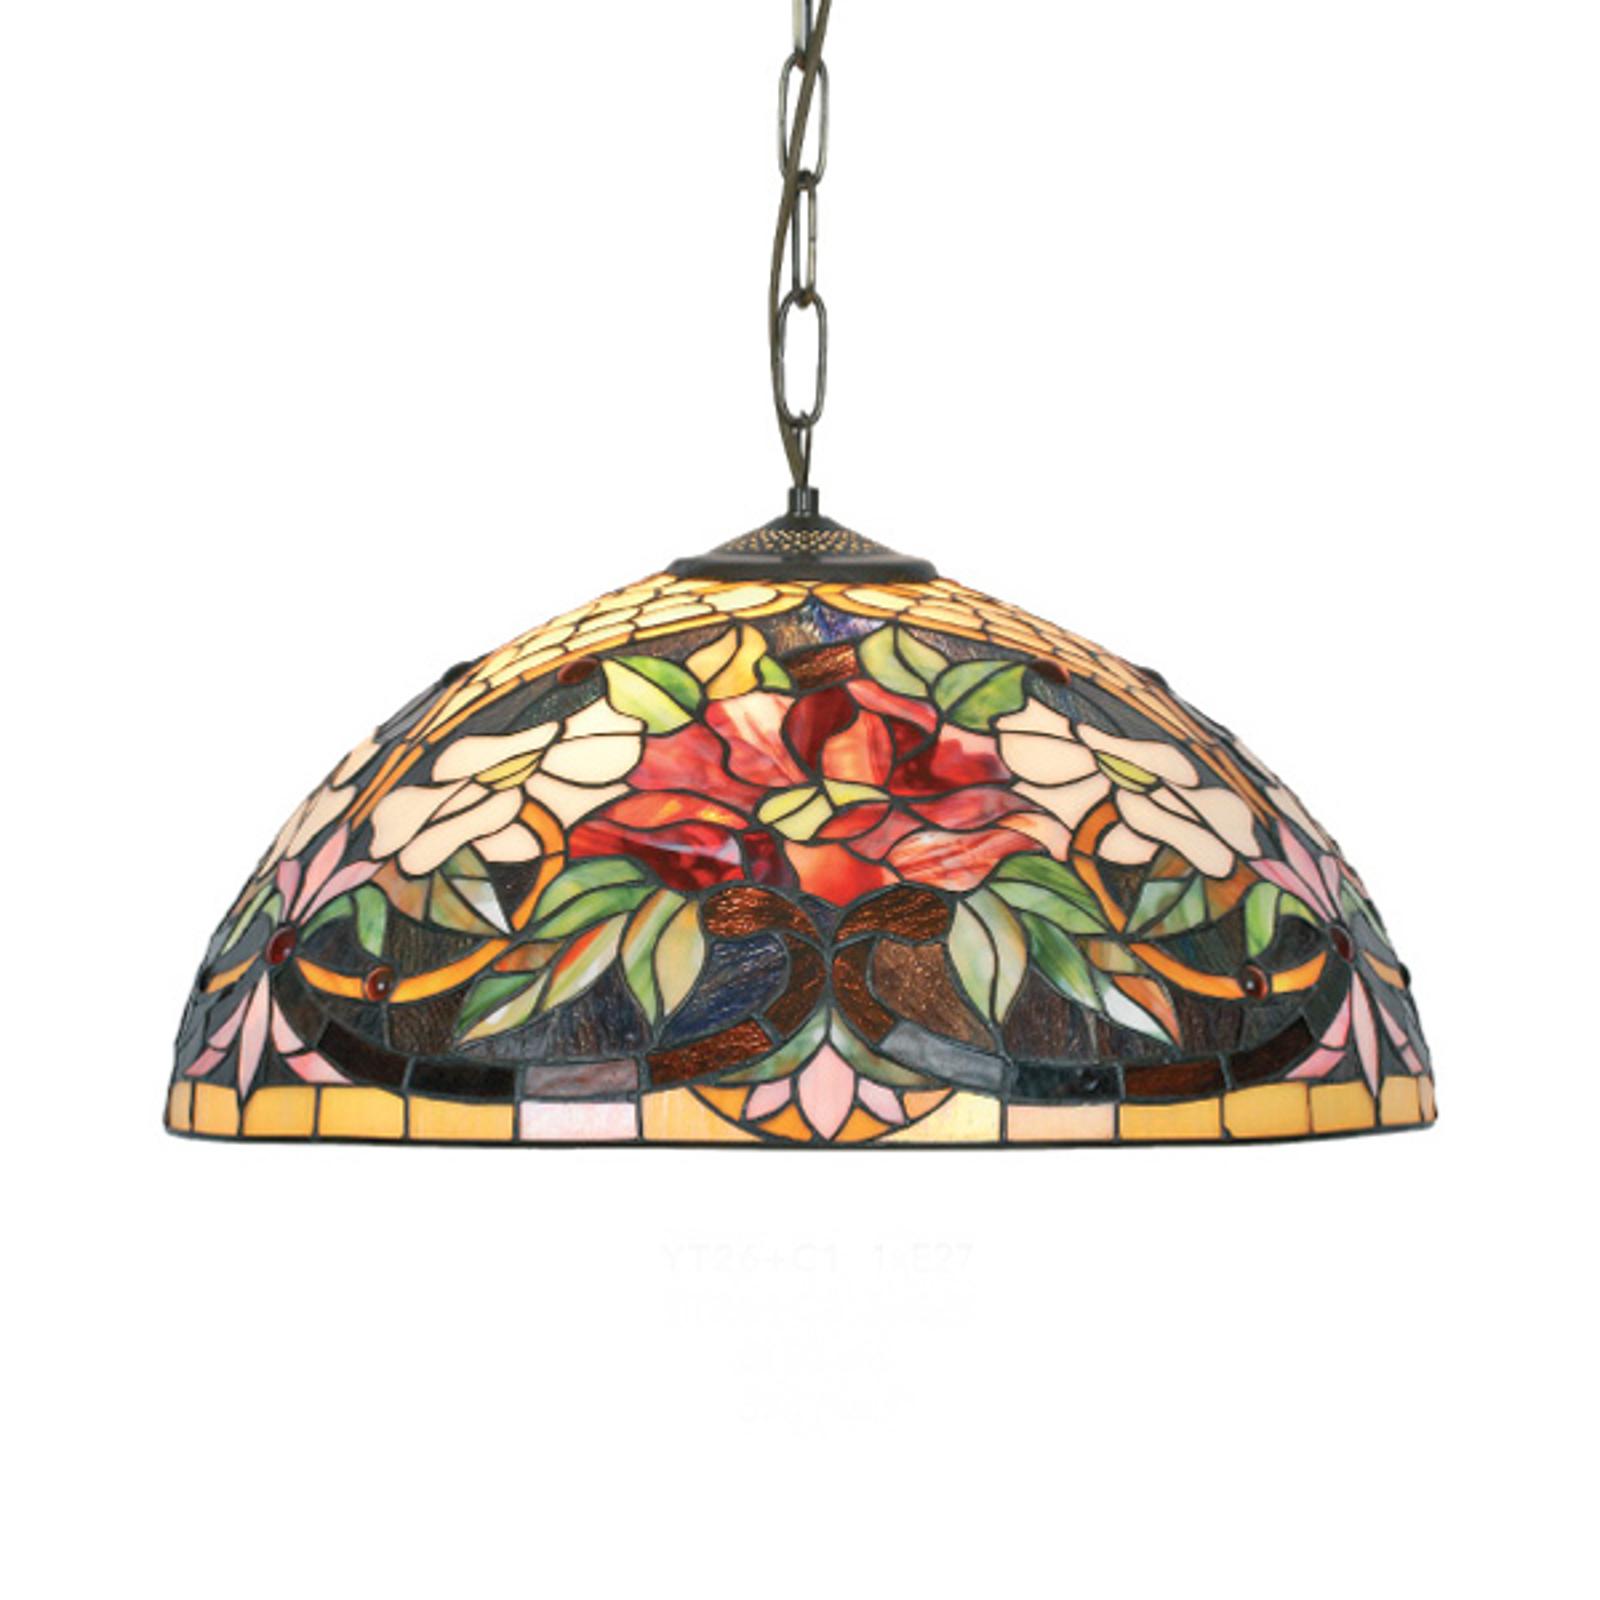 Lampa wisząca Ariadne w stylu Tiffany 1-punktowa